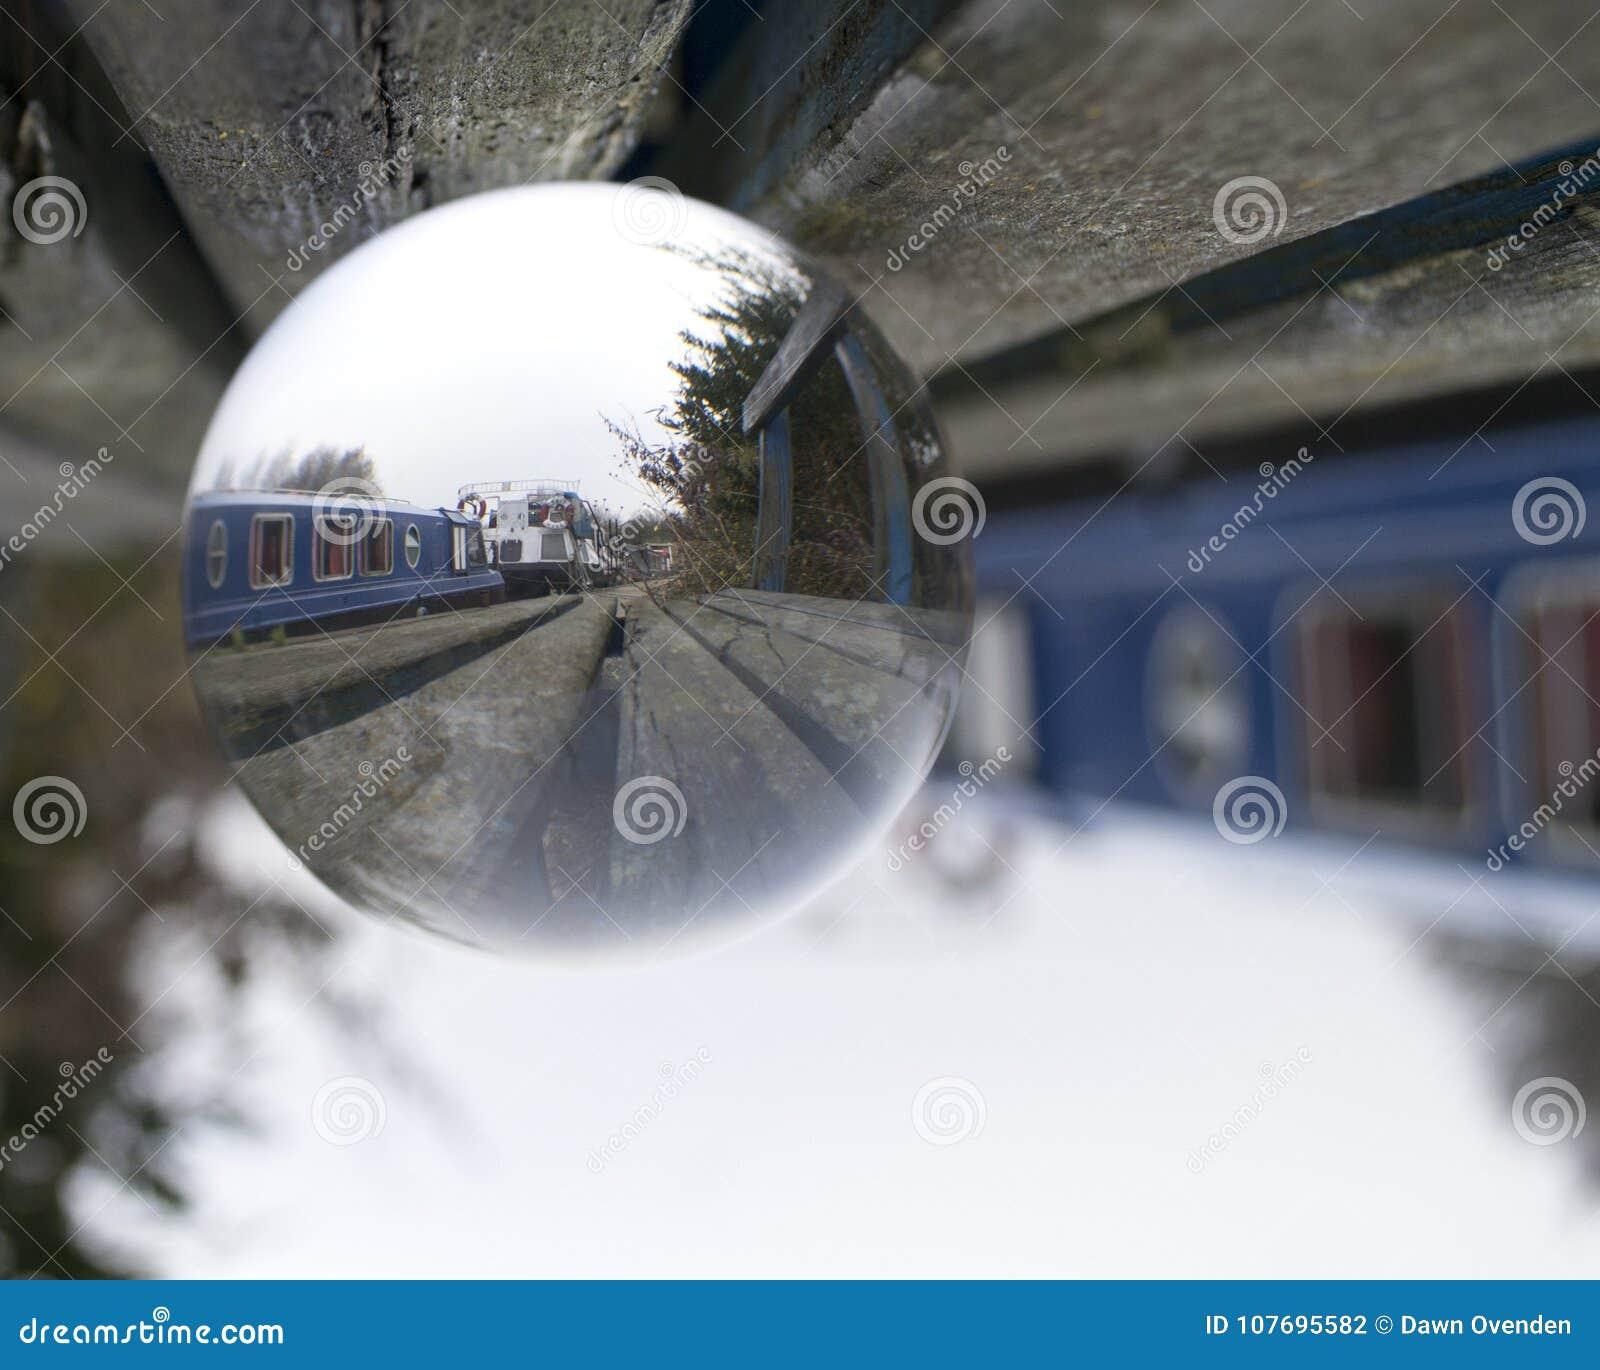 La imagen de los barcos amarrados a lo largo del canal se refractó a través de la bola de cristal